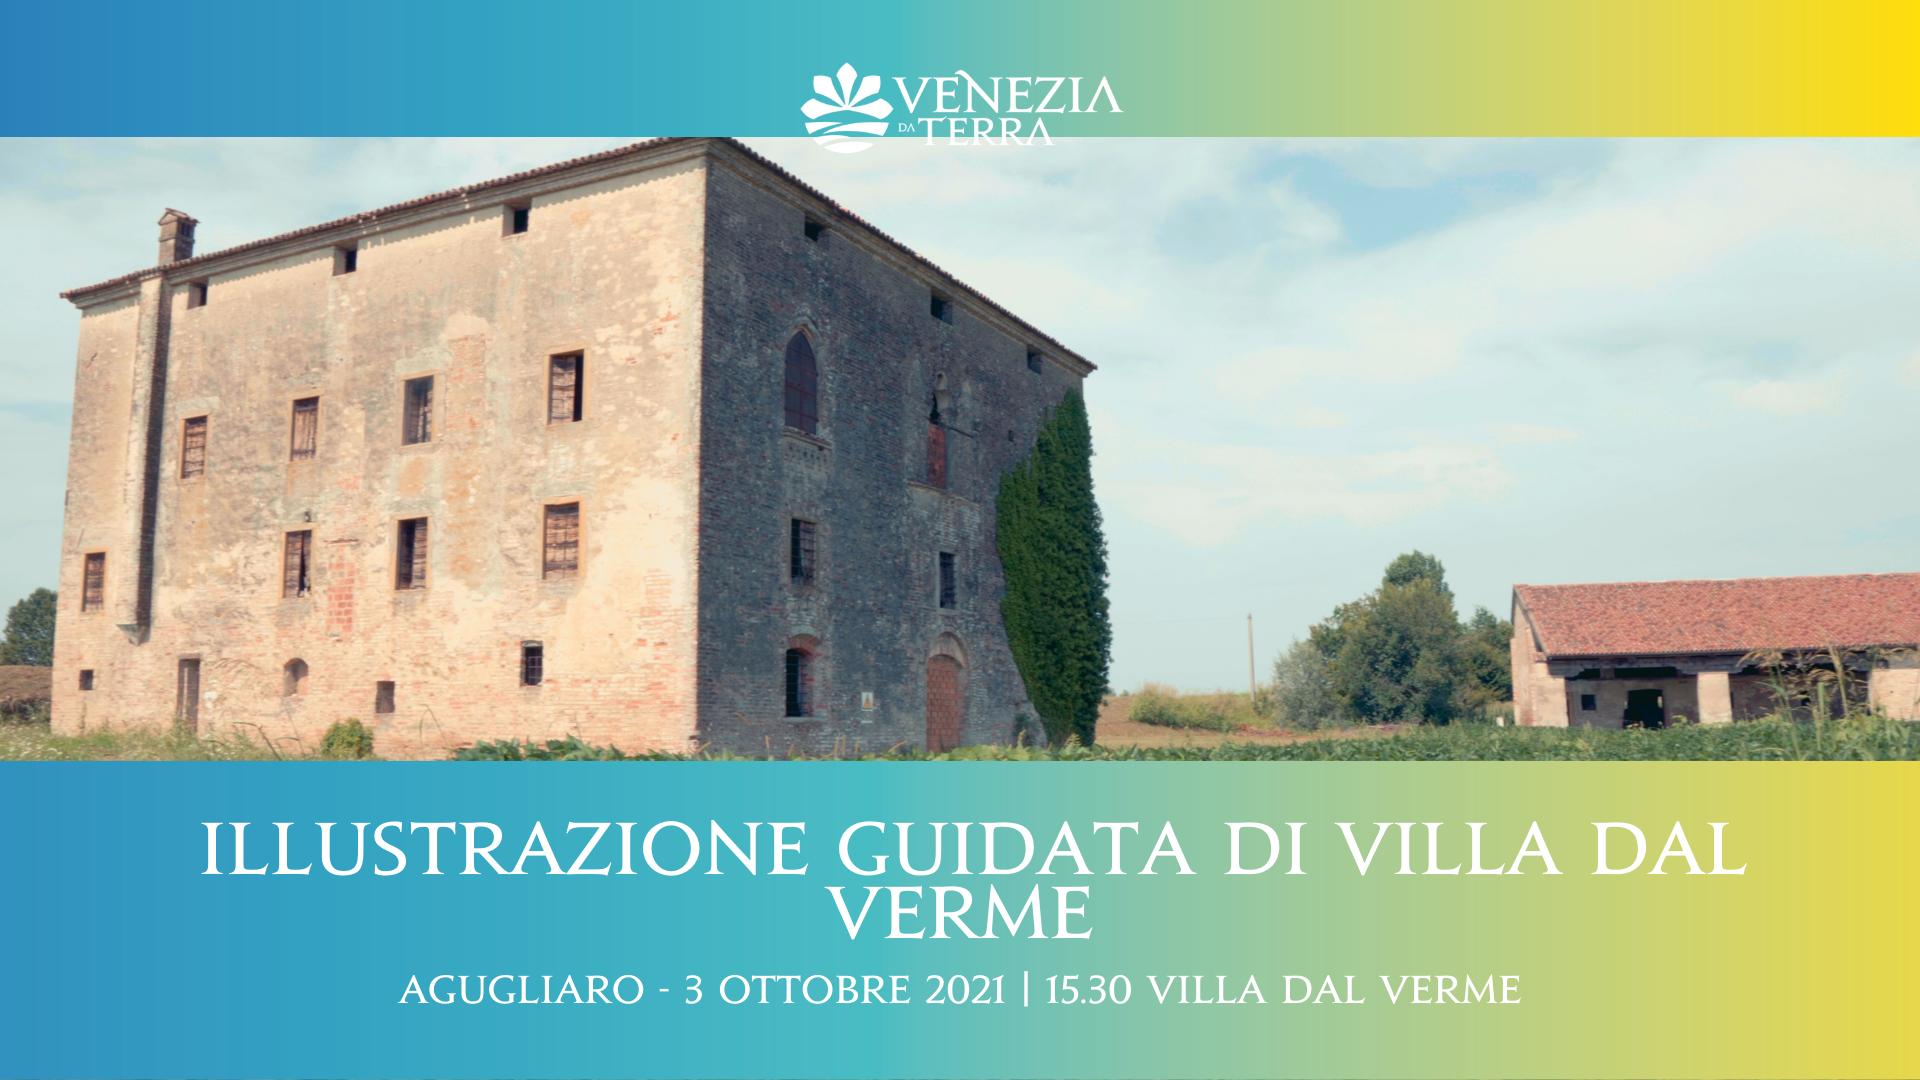 Illustrazione guidata di Villa Dal Verme